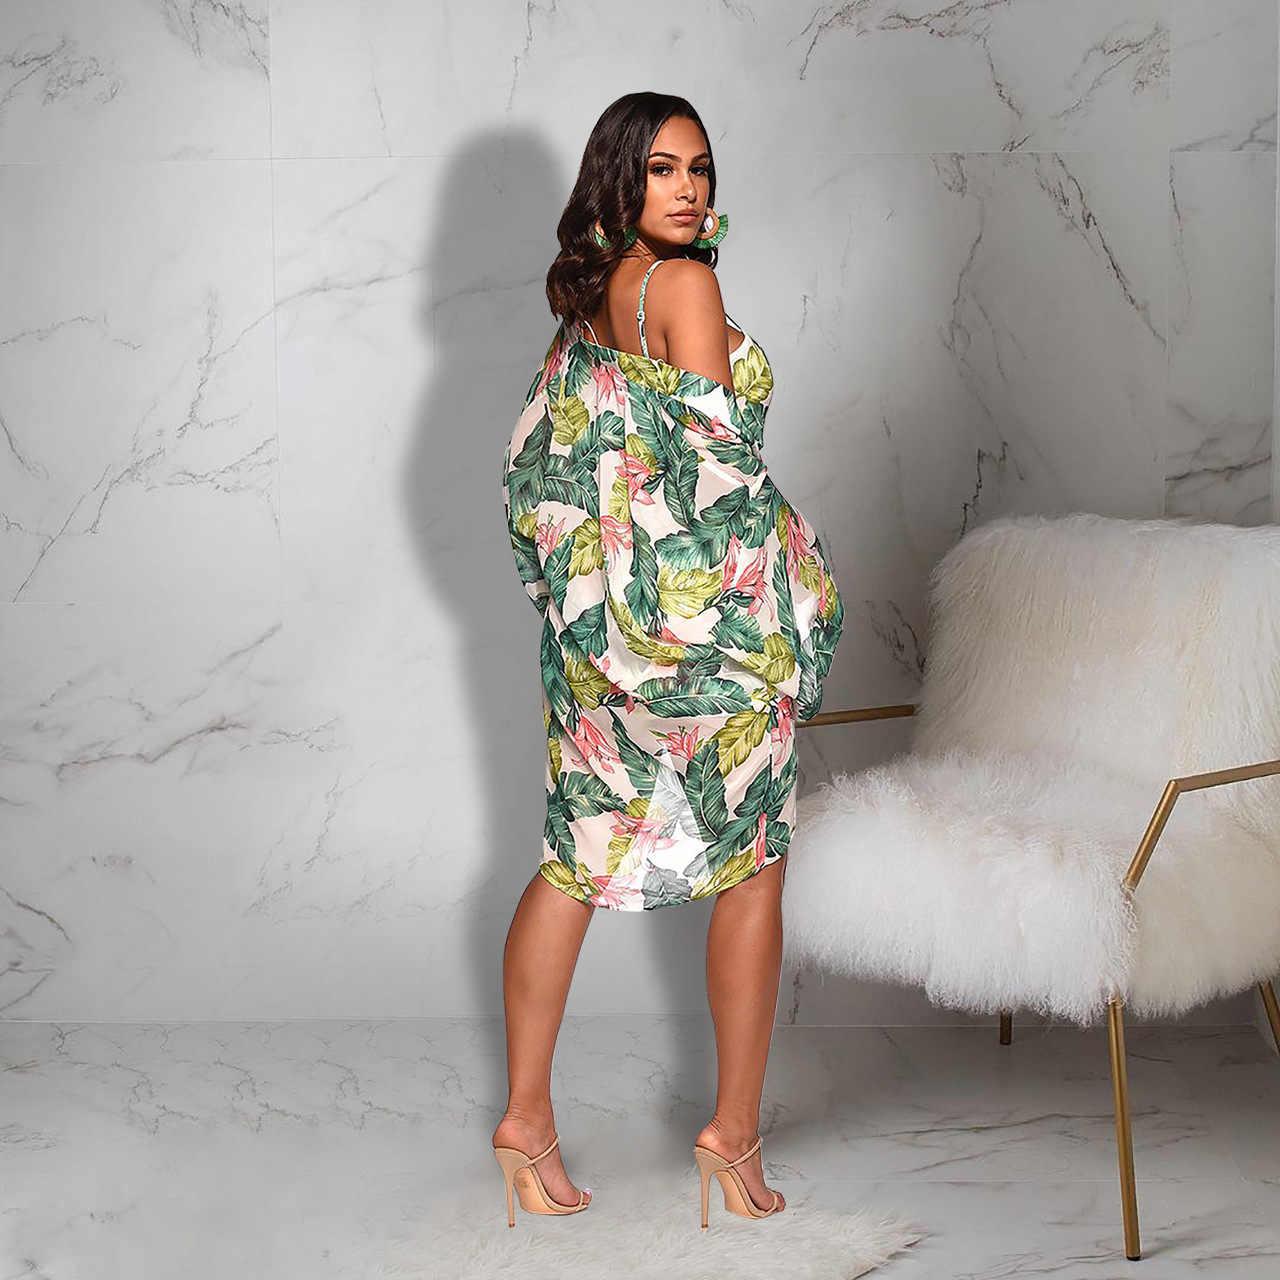 Tobinoone 2019, Модный женский комплект из двух предметов, летняя одежда с цветочным рисунком, топы с открытыми плечами, бандажные пляжные шорты, Женский комплект из 3 предметов